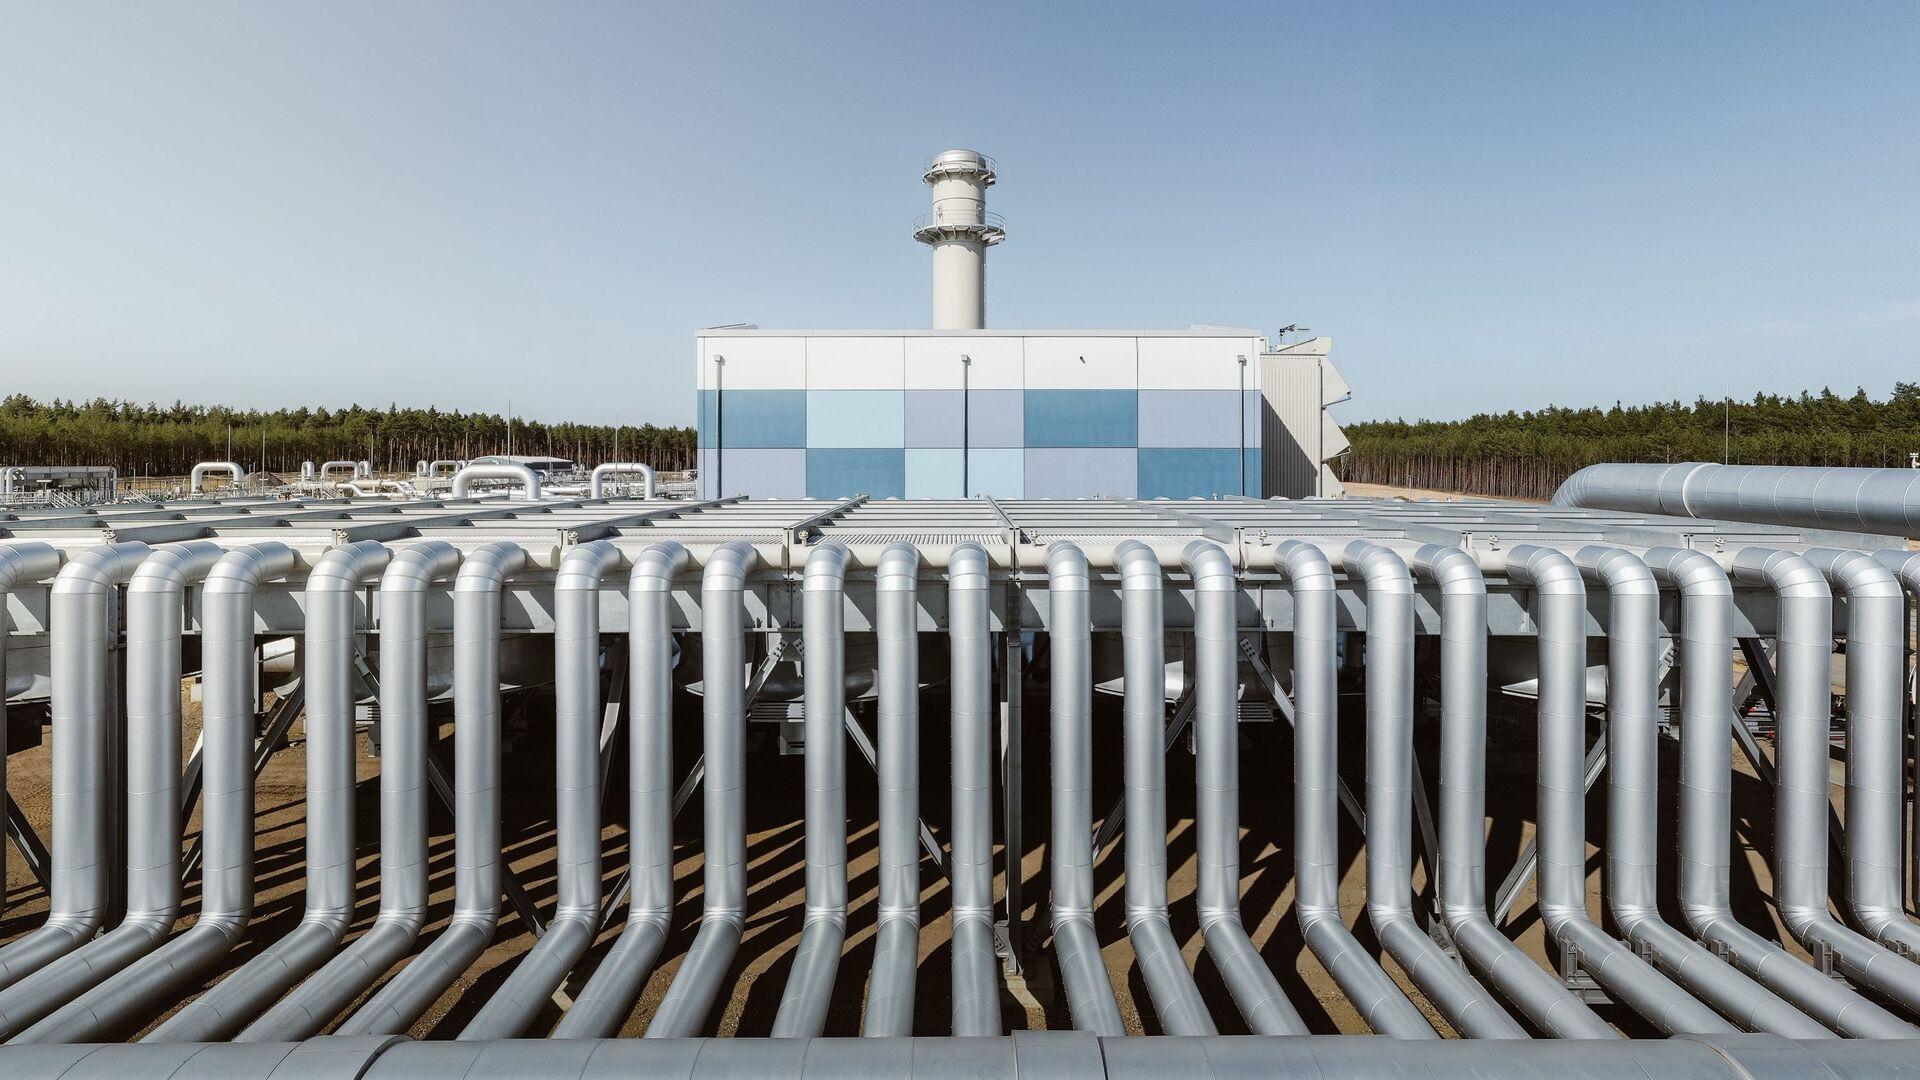 Výstavba plynovodu Nord Stream 2 v Německu - Sputnik Česká republika, 1920, 28.09.2021